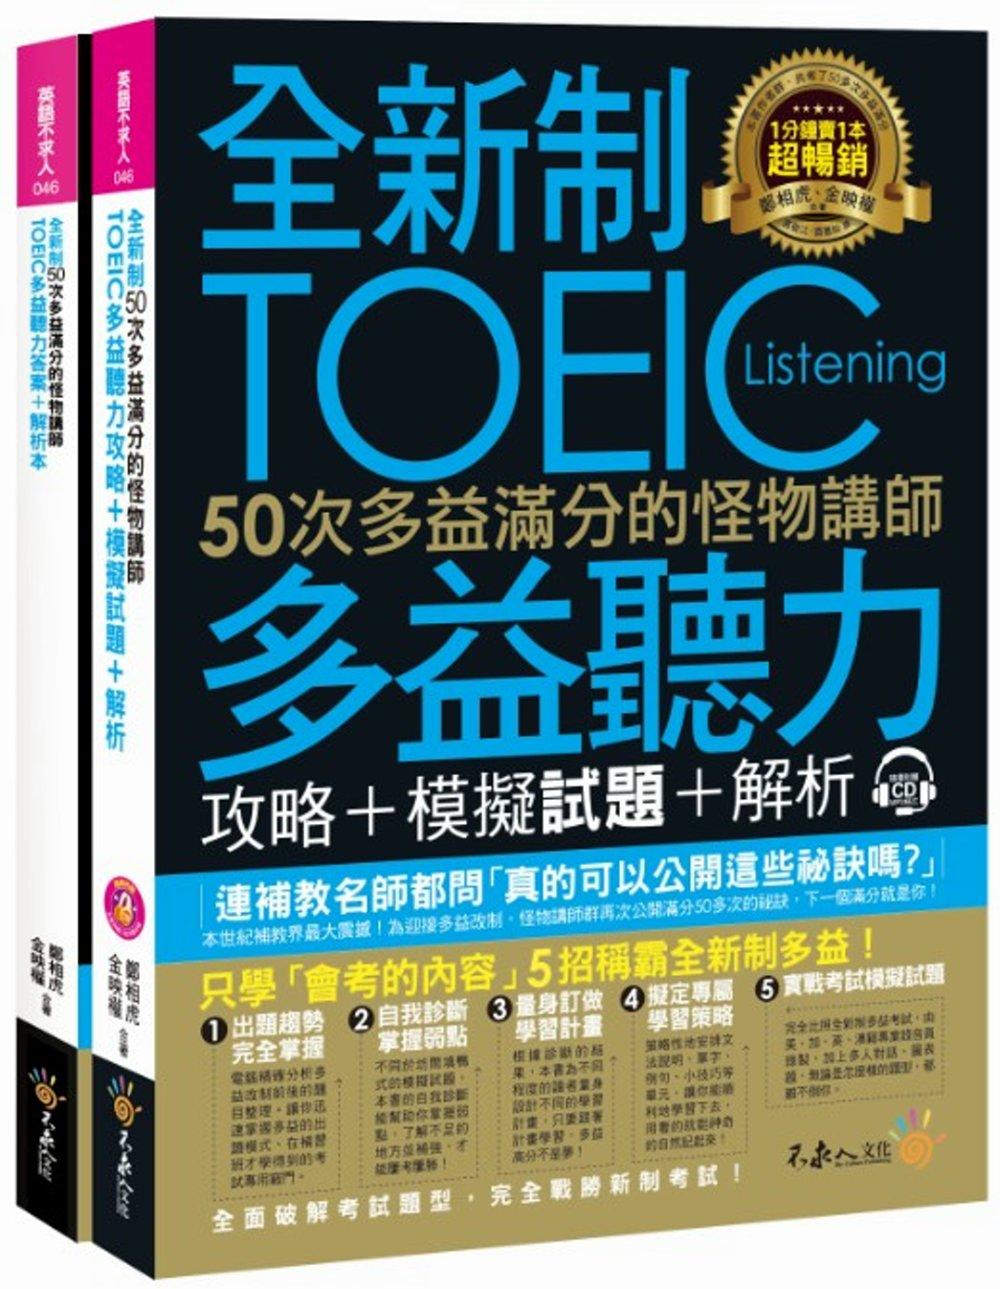 ◤博客來BOOKS◢ 暢銷書榜《推薦》全新制50次多益滿分的怪物講師TOEIC多益聽力攻略+模擬試題+解析(2書+1CD+防水書套)